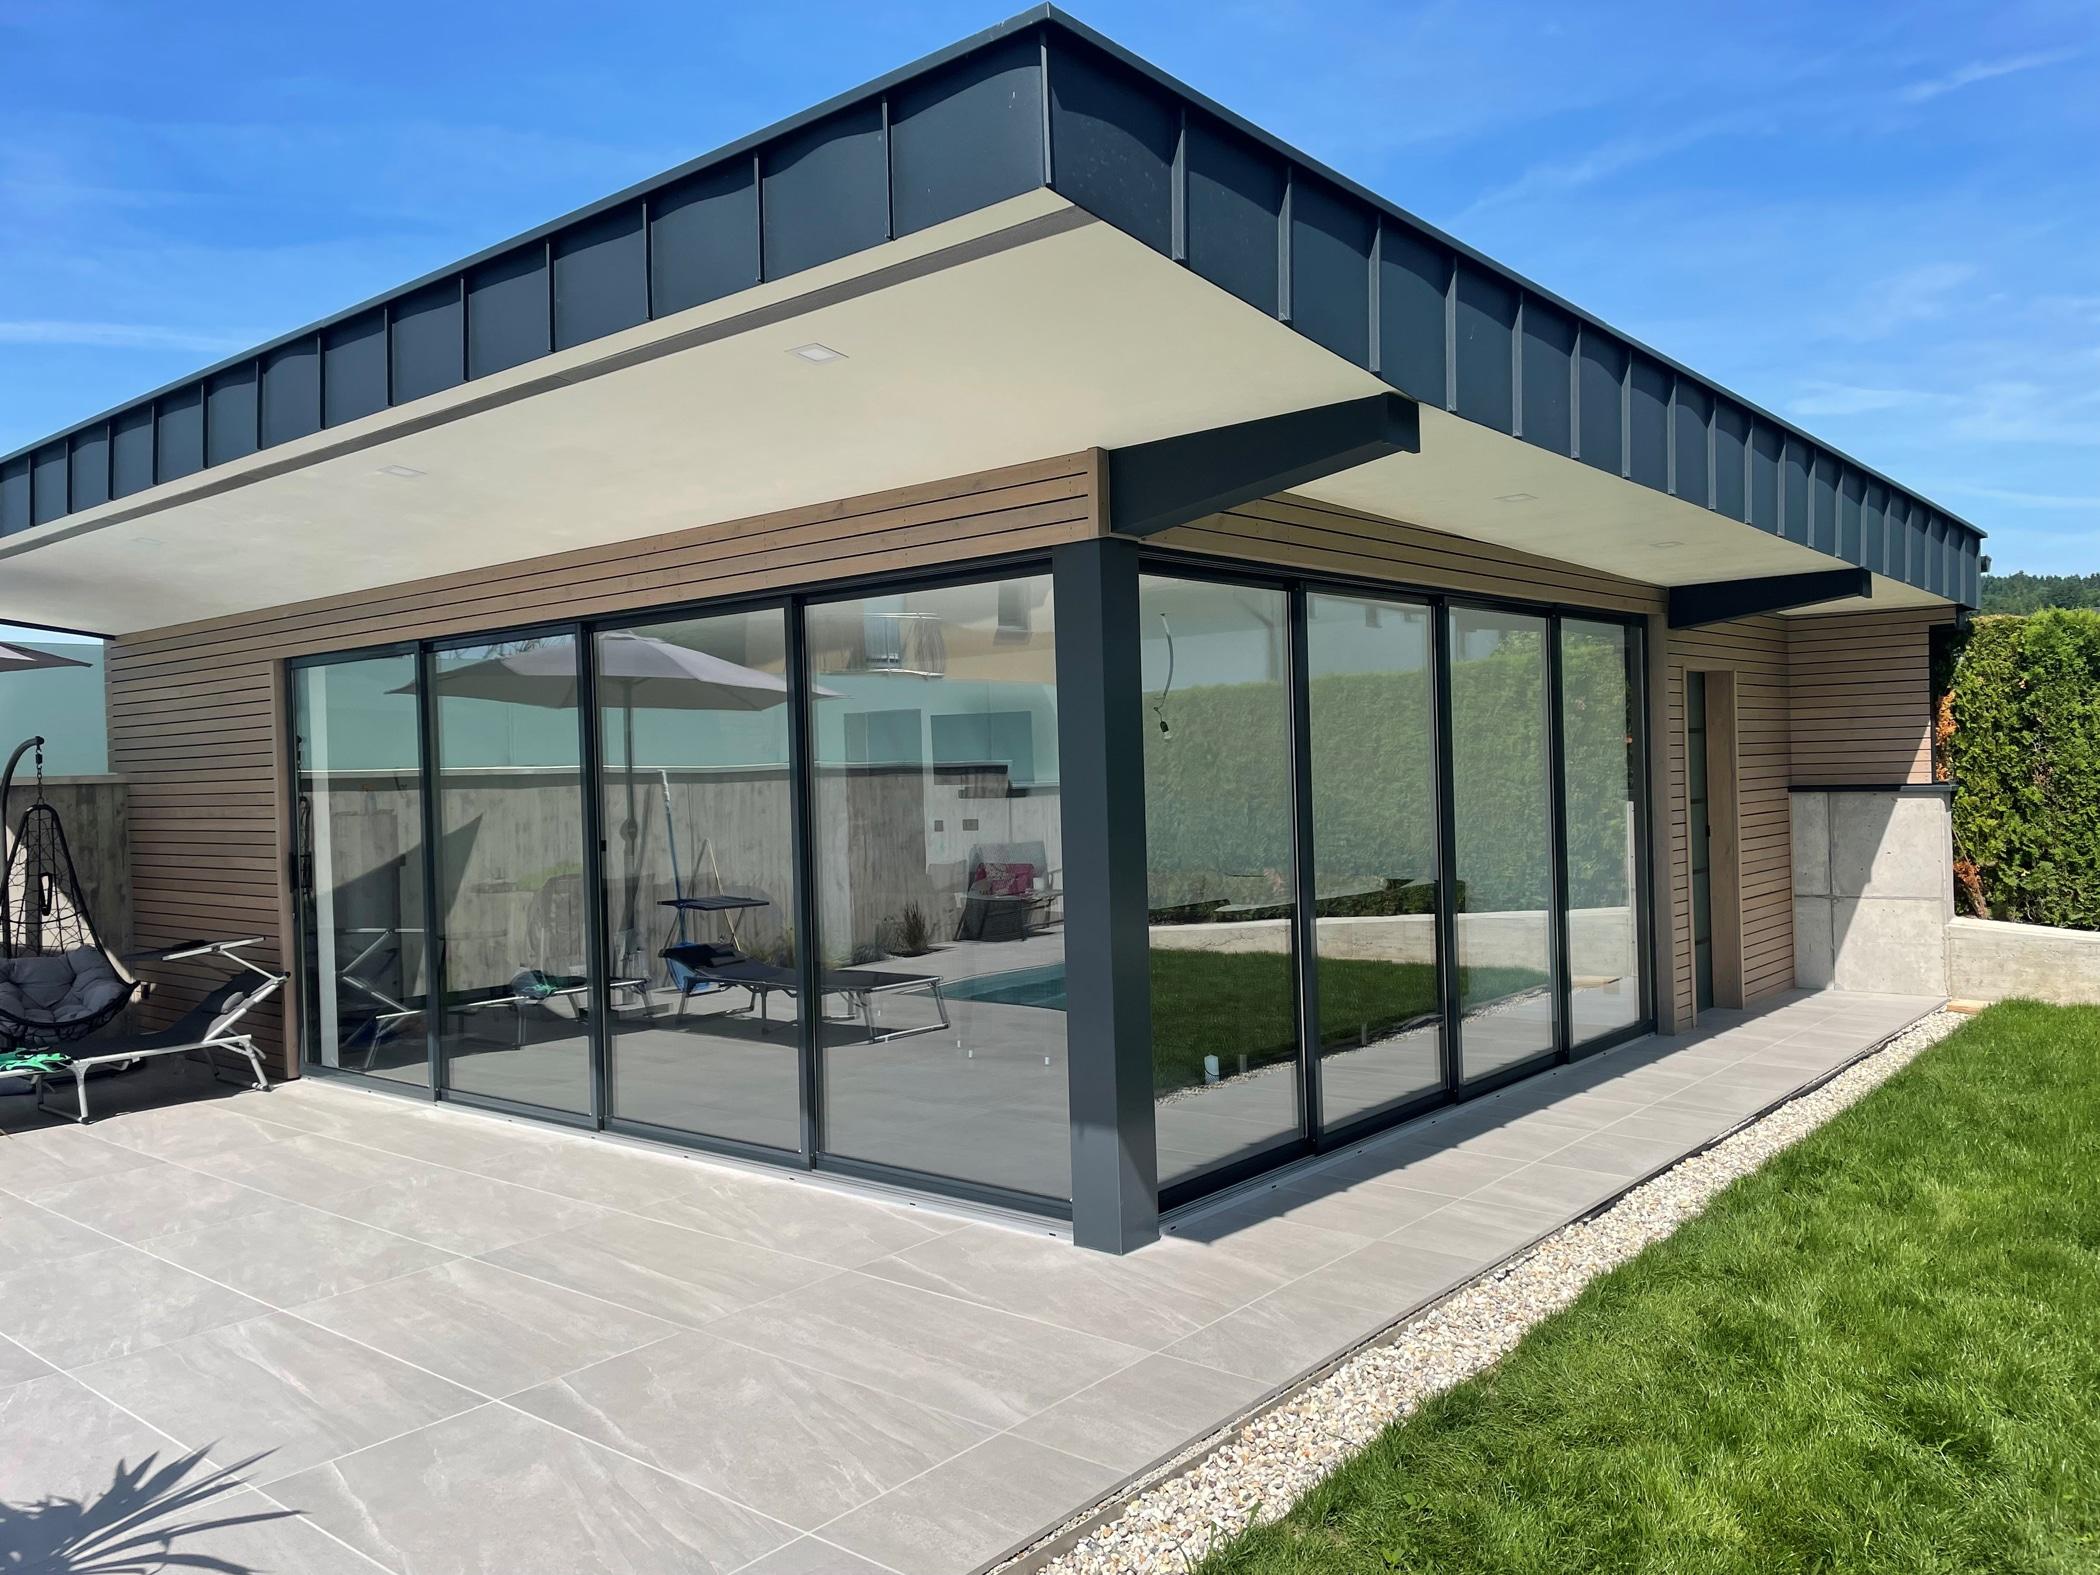 Poolhaus modern mit Schiebetüren von Schmidinger